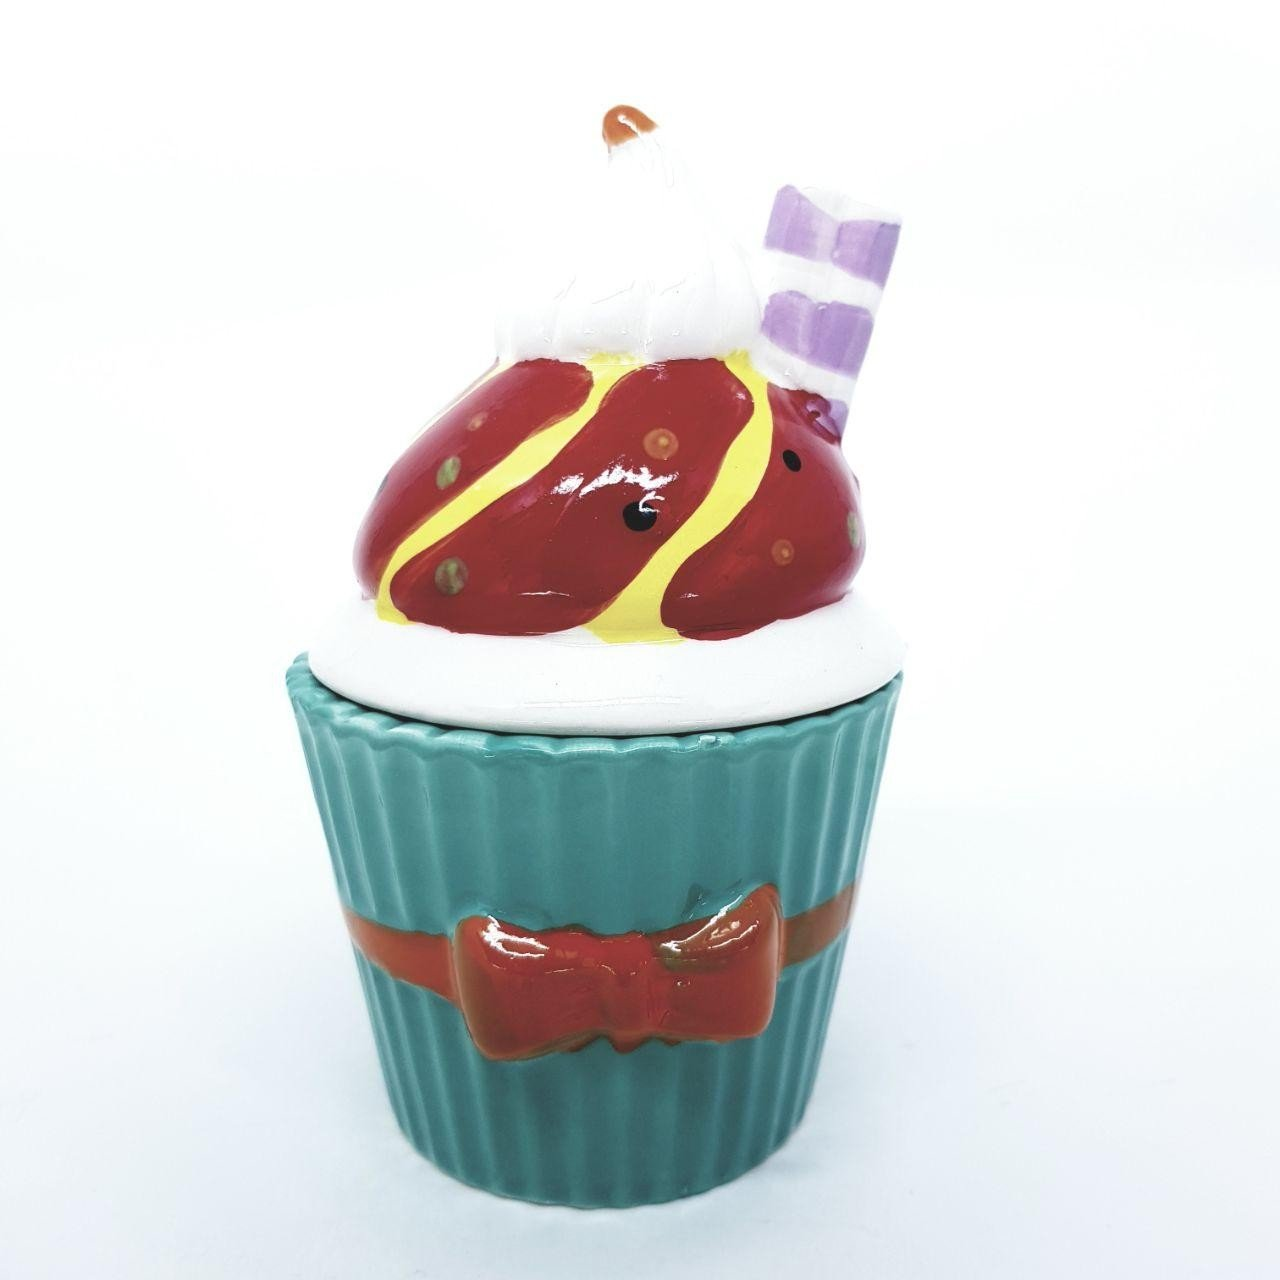 pote de porcelana cupcake com tampa verde tiffany 73555 vt casa cafe e mel 1